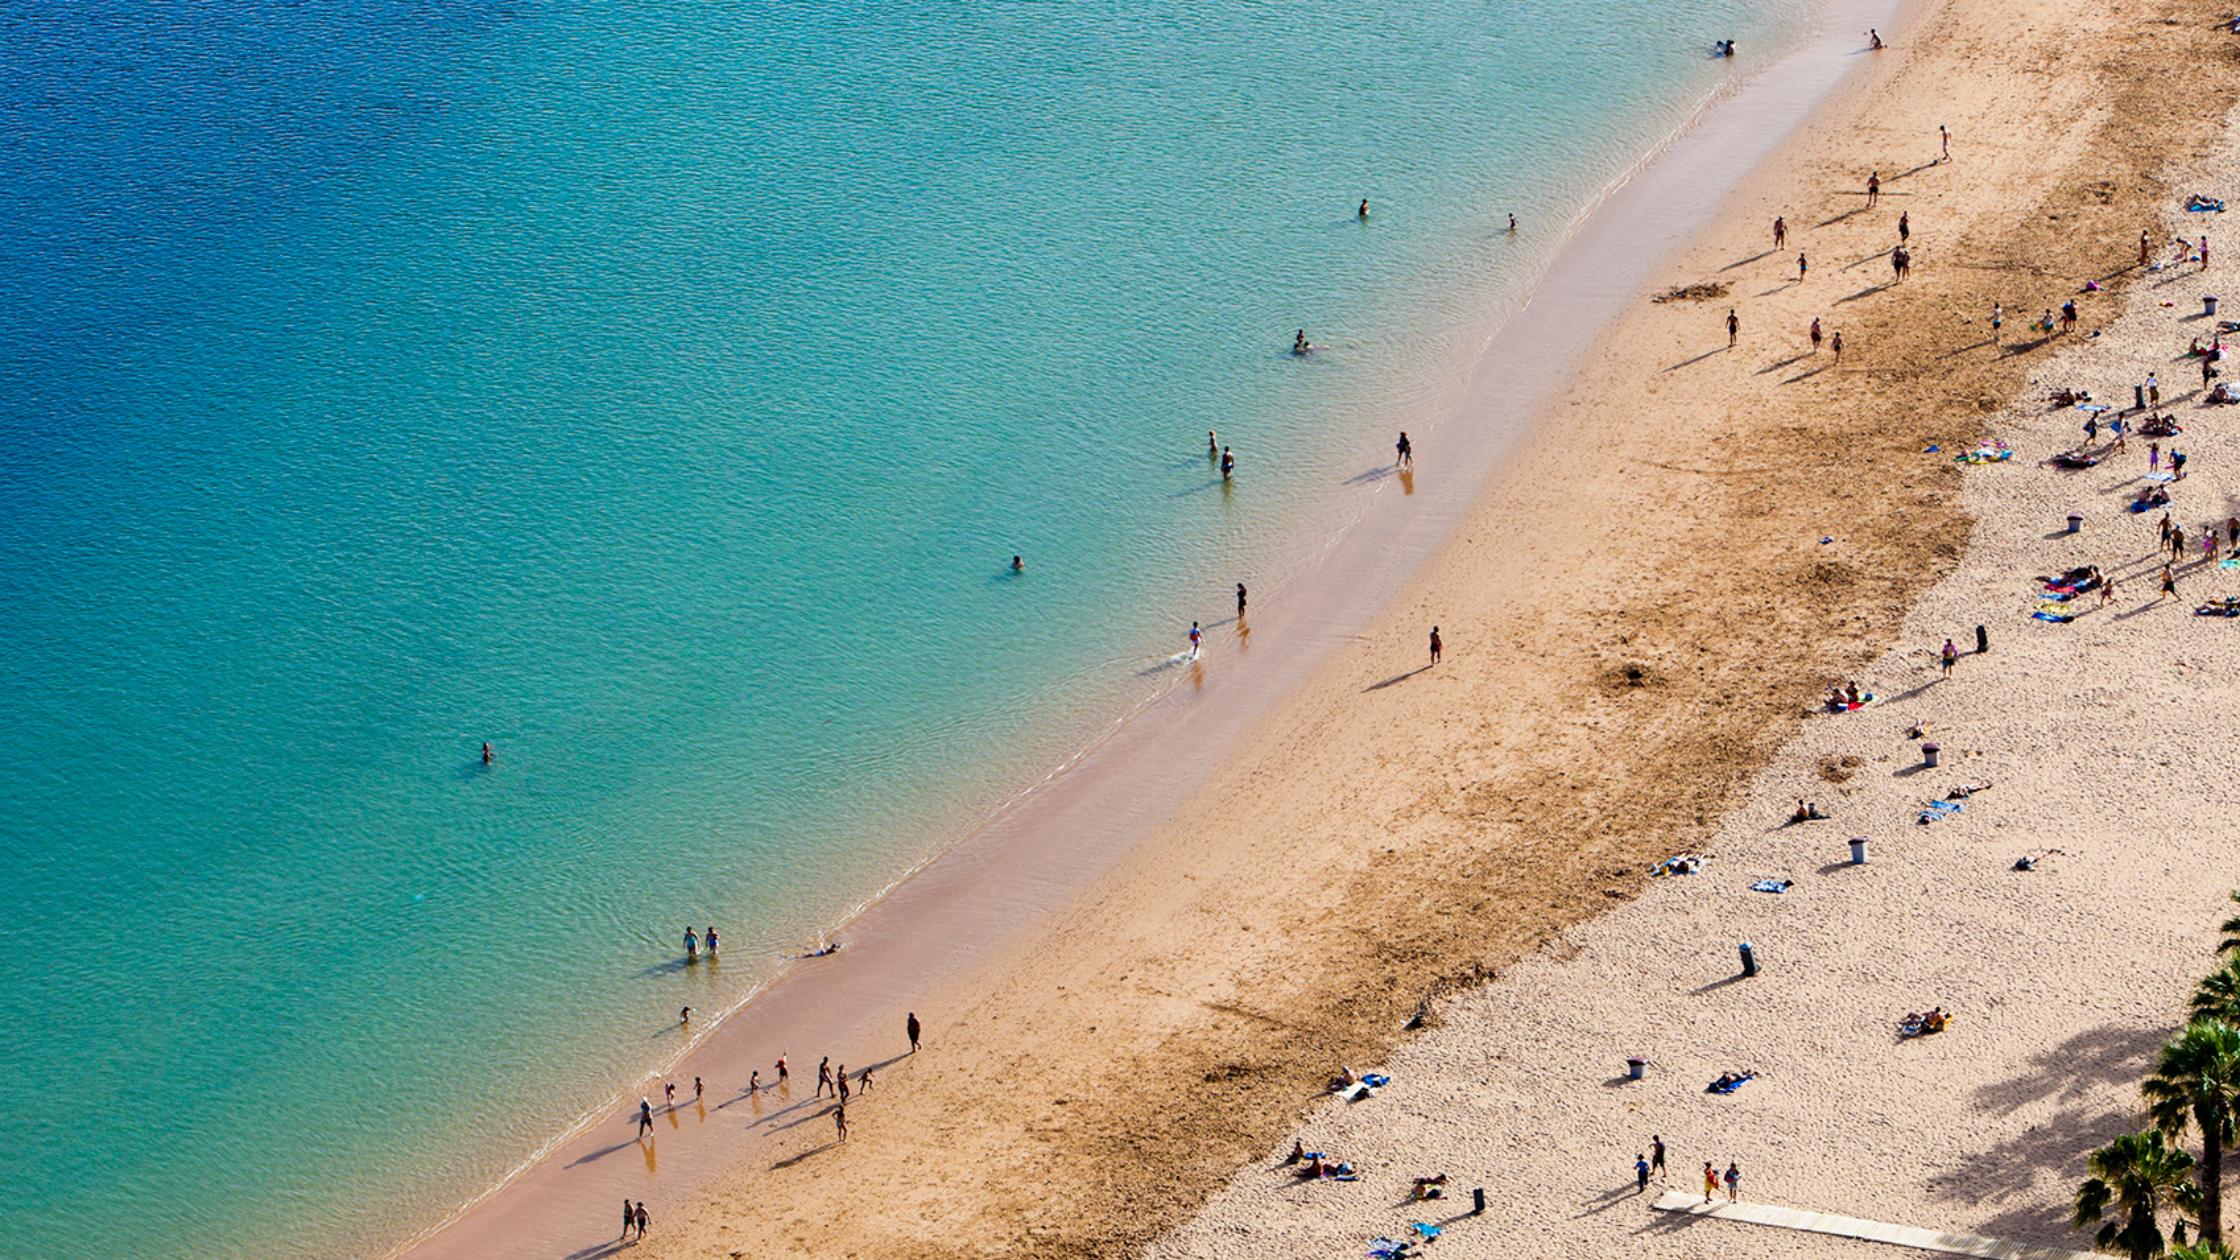 Image de la Playa de Las Teresitas para el post sobre Beach Clubs de Degusta Santa Cruz